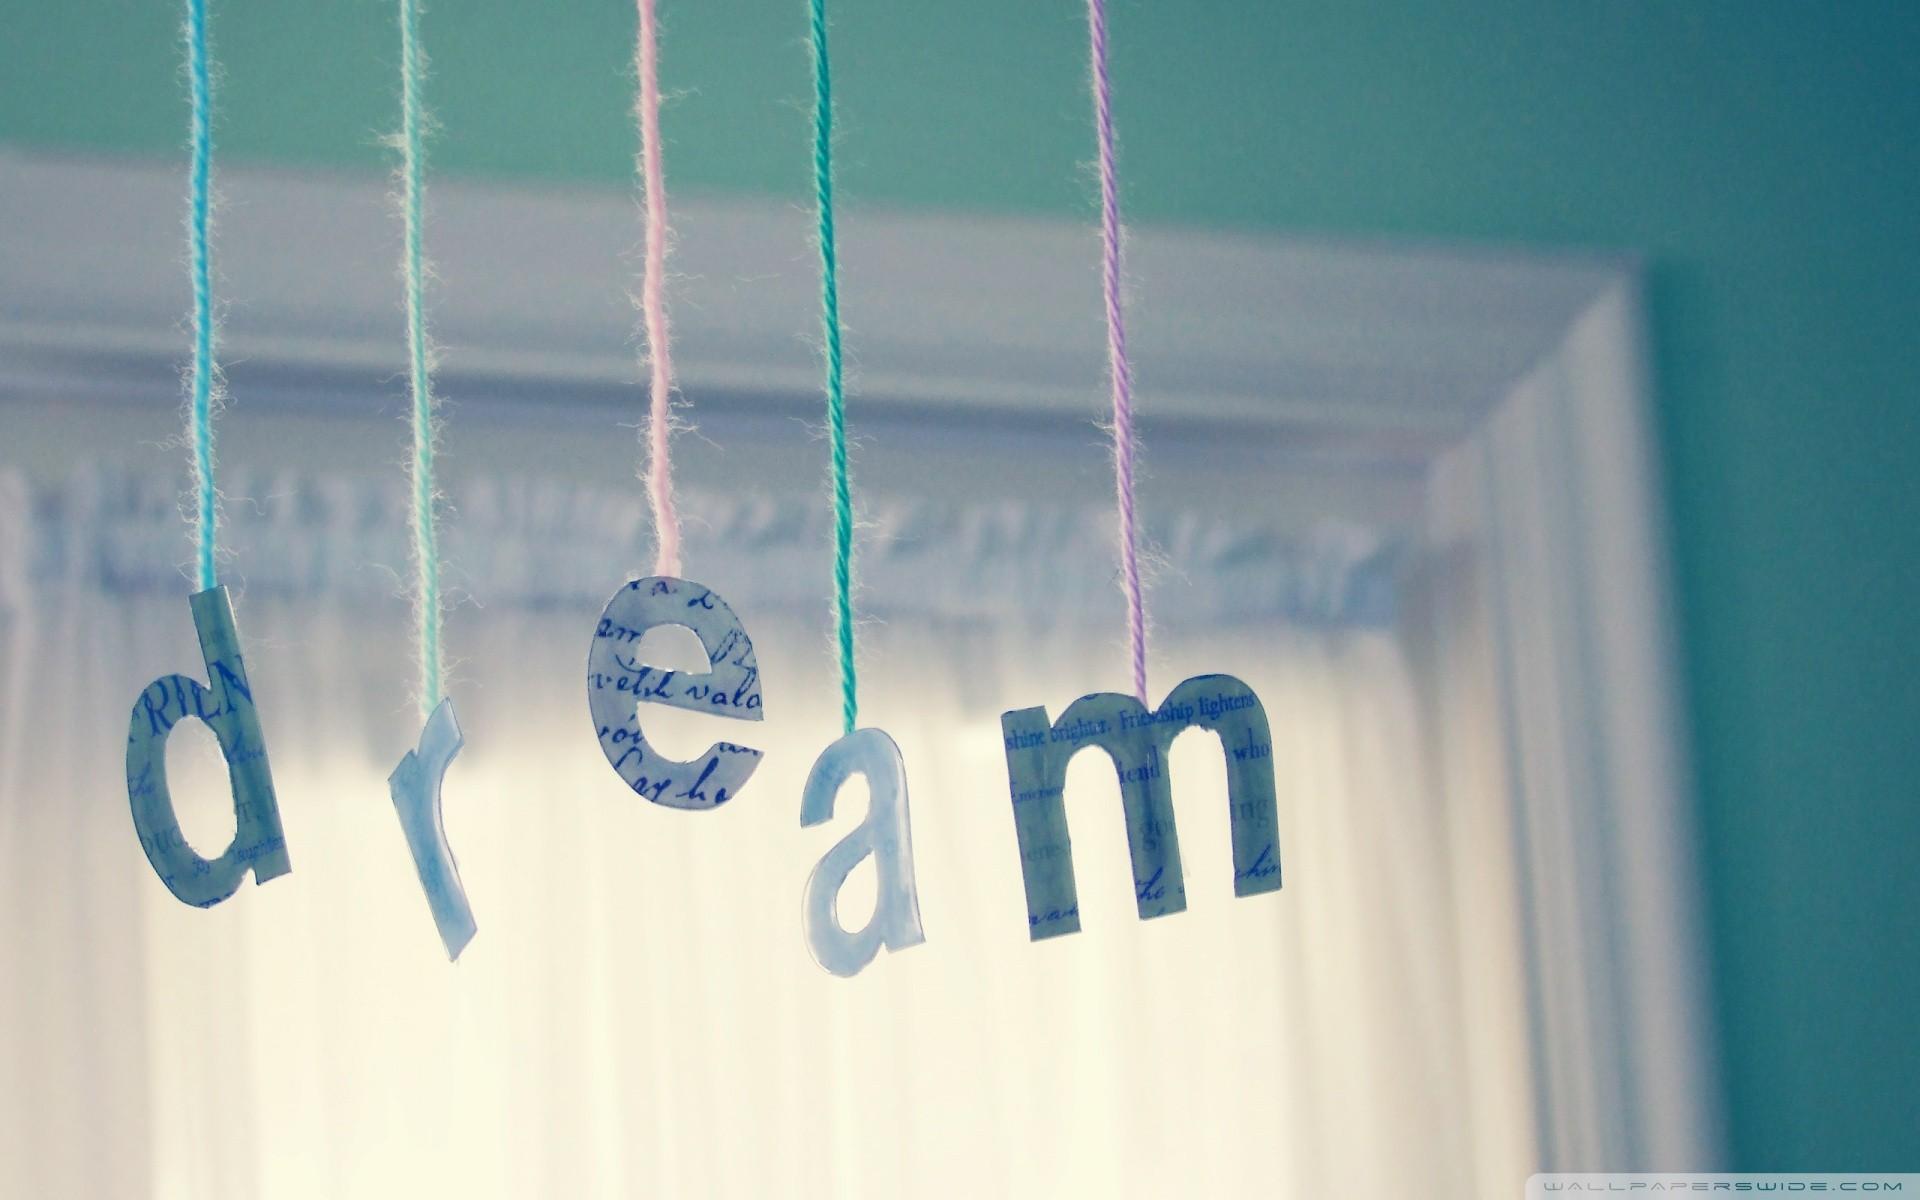 Vreemde dromen (over naakt lopen op straat)